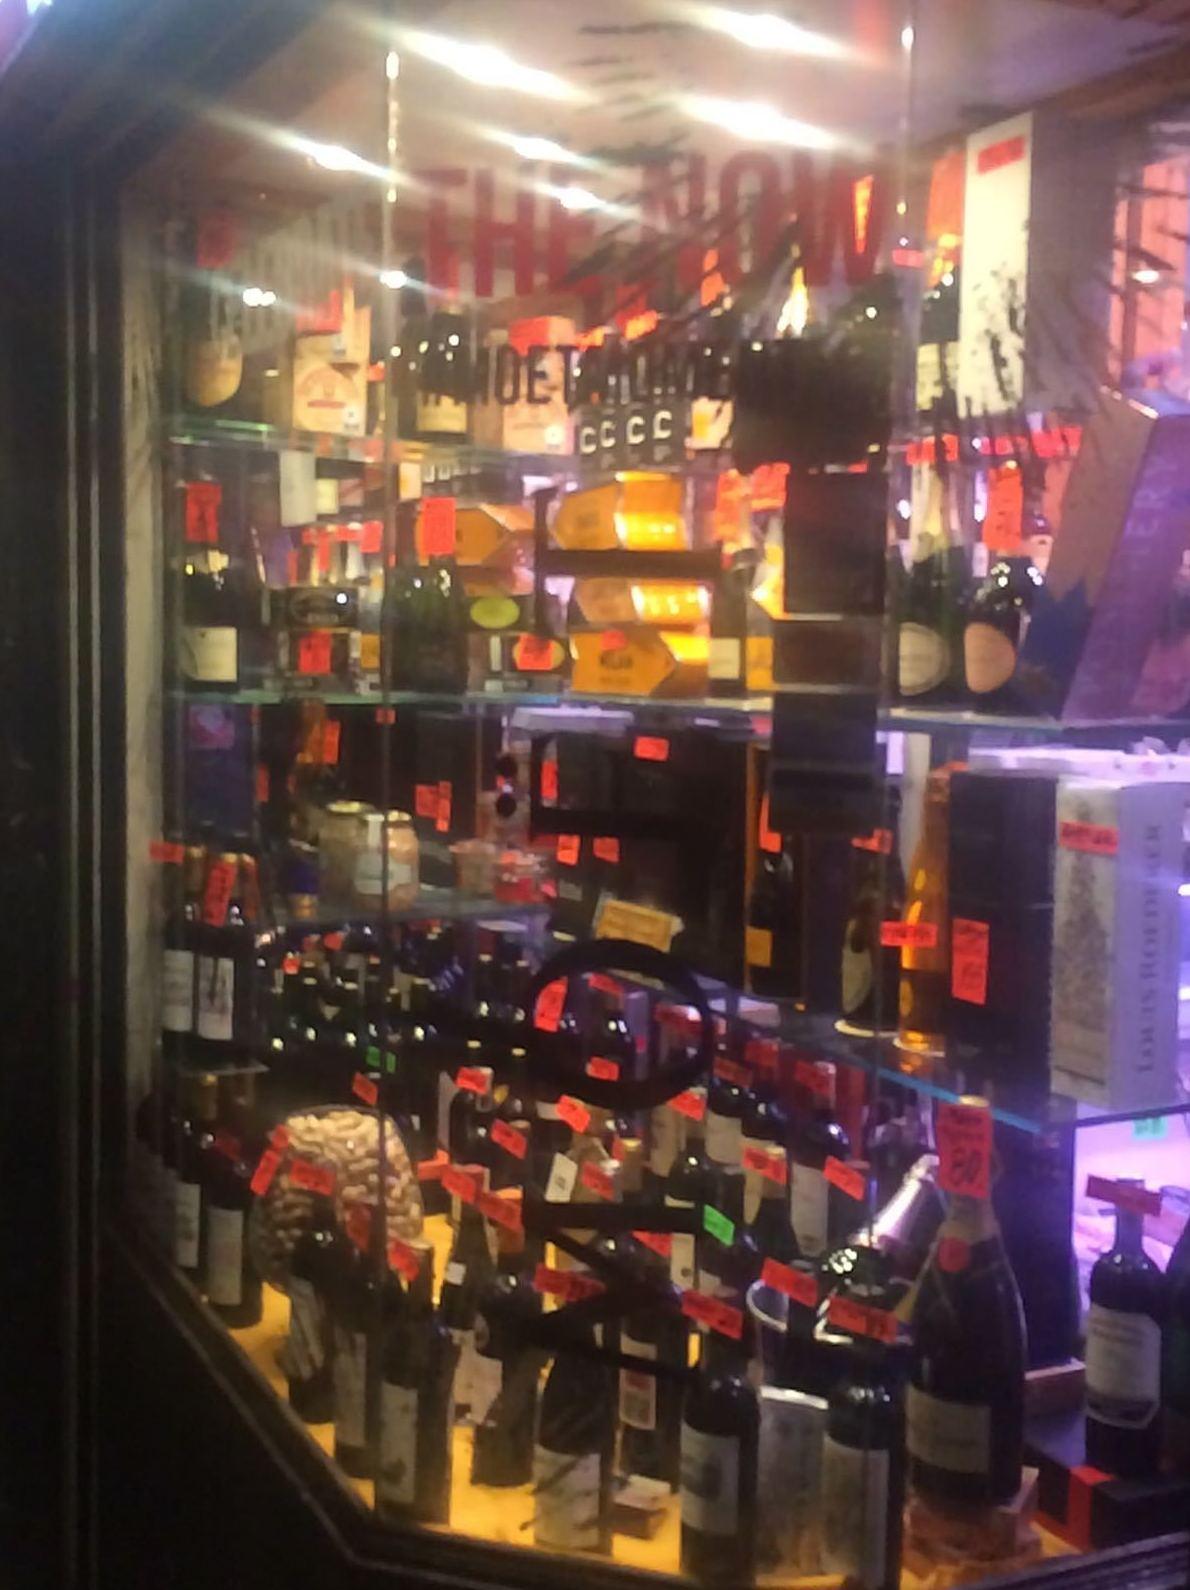 Una pequeña decoración con vinilo para Moët & Chandon, esta vez nuestros técnicos han ido hasta Burgos para decorar otras tiendas de champagne moët navidad 2016.